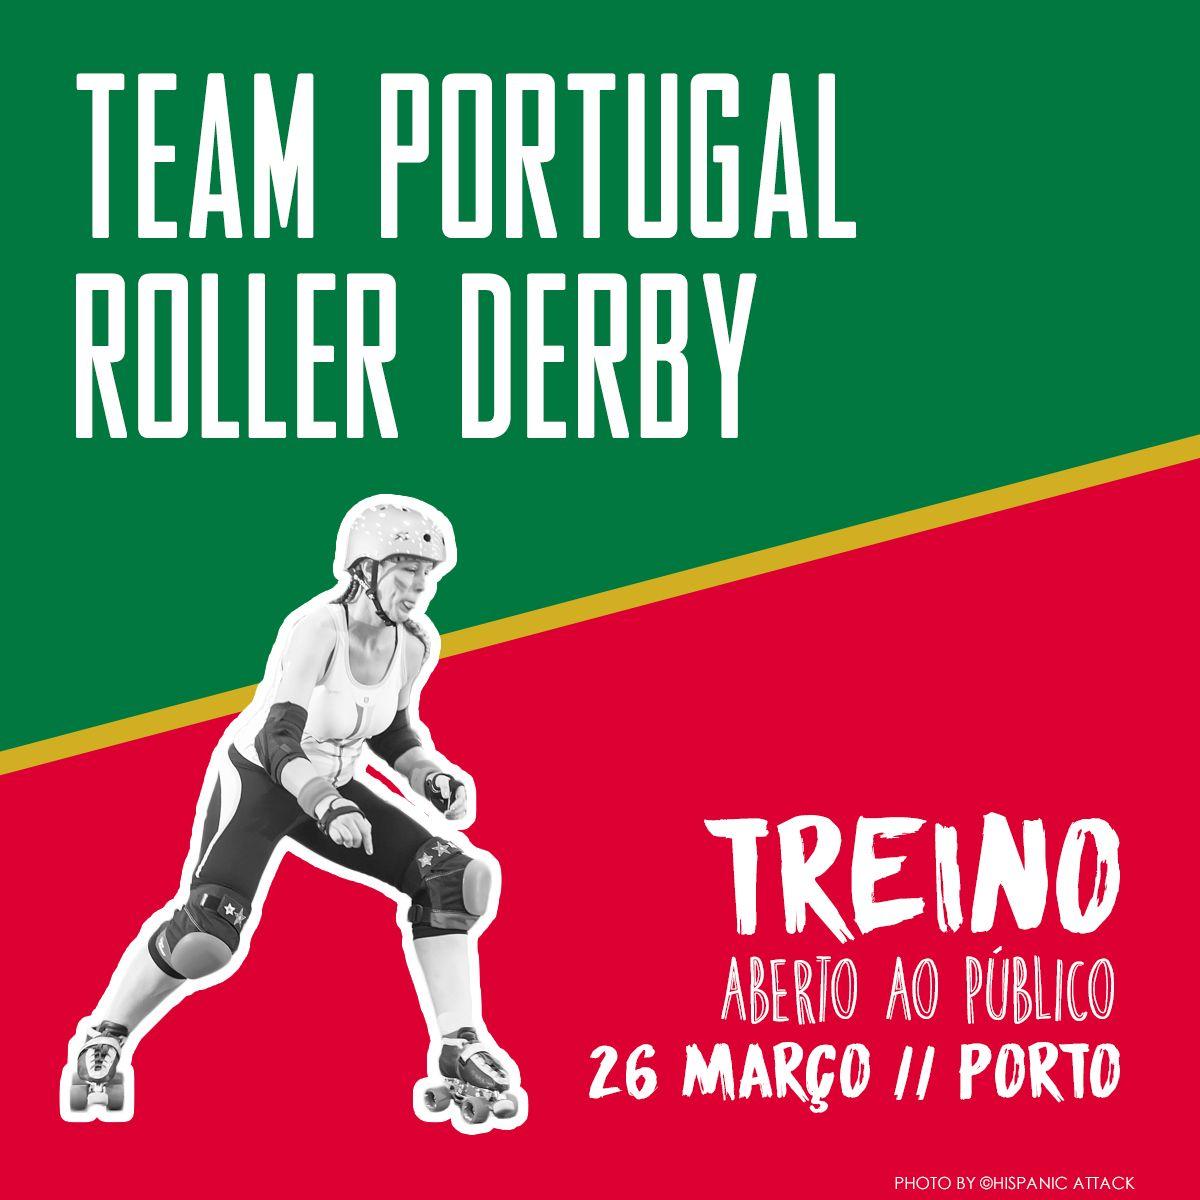 [PT] IMPERDÍVEL! No Sábado dia 26 de Março, vai ter lugar no Pavilhão do Lagarteiro, no Porto, o primeiro treino oficial de 2016 da Team Portugal Roller Derby. Este treino vai serabe…